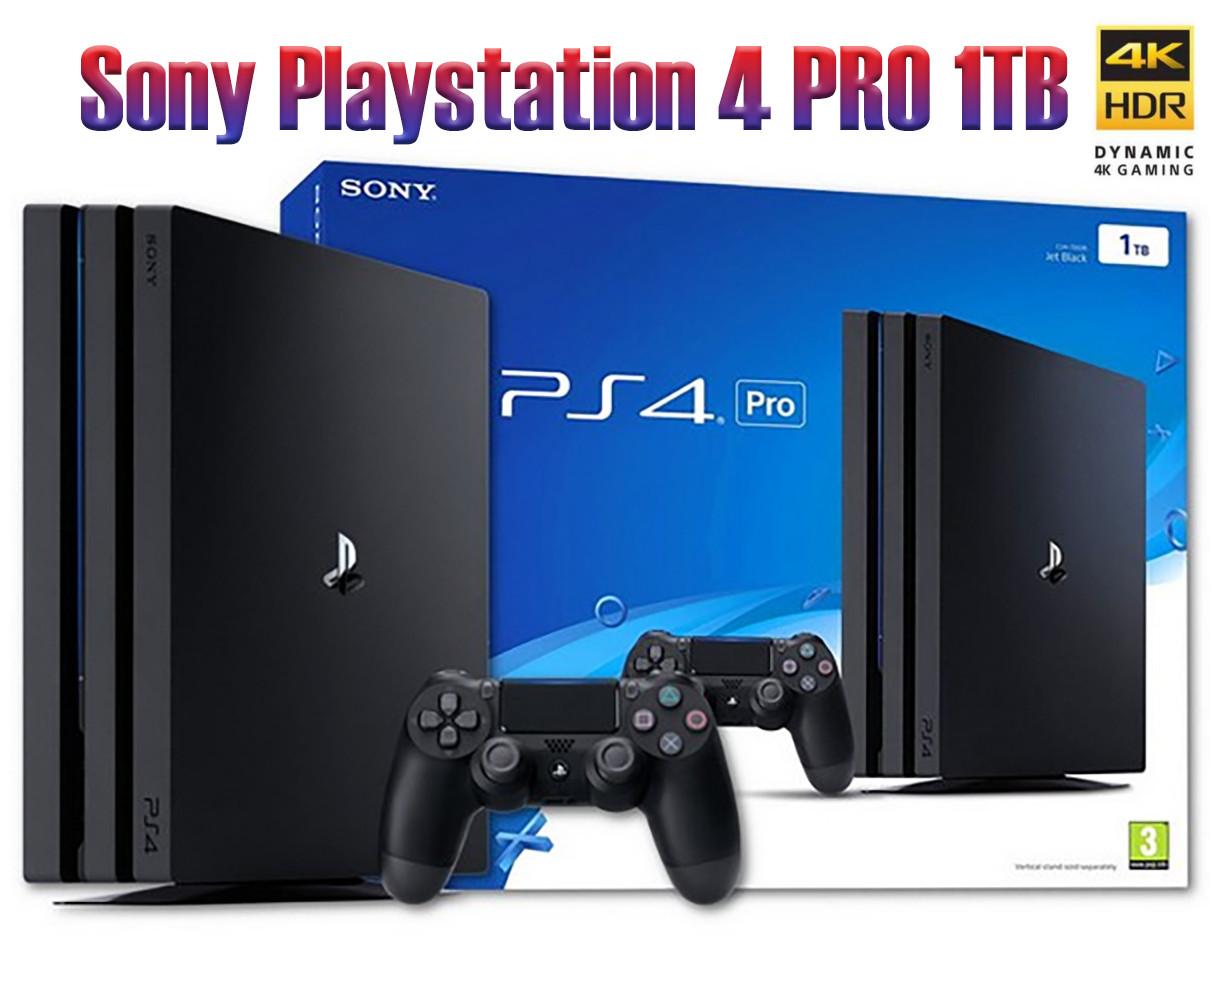 Sony Playstation 4 Pro 1tb Black Cuh 7116b